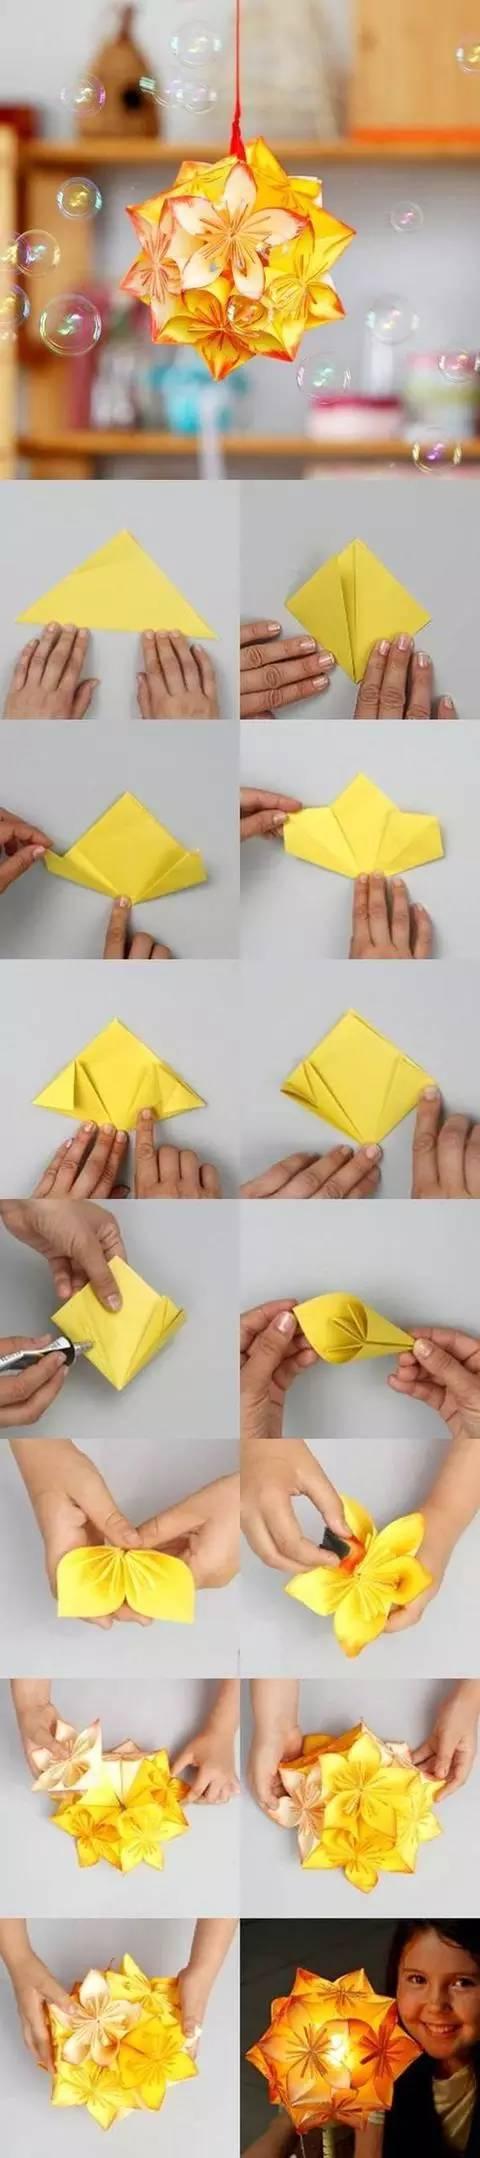 幼儿园手工制作大全 扇形折纸小